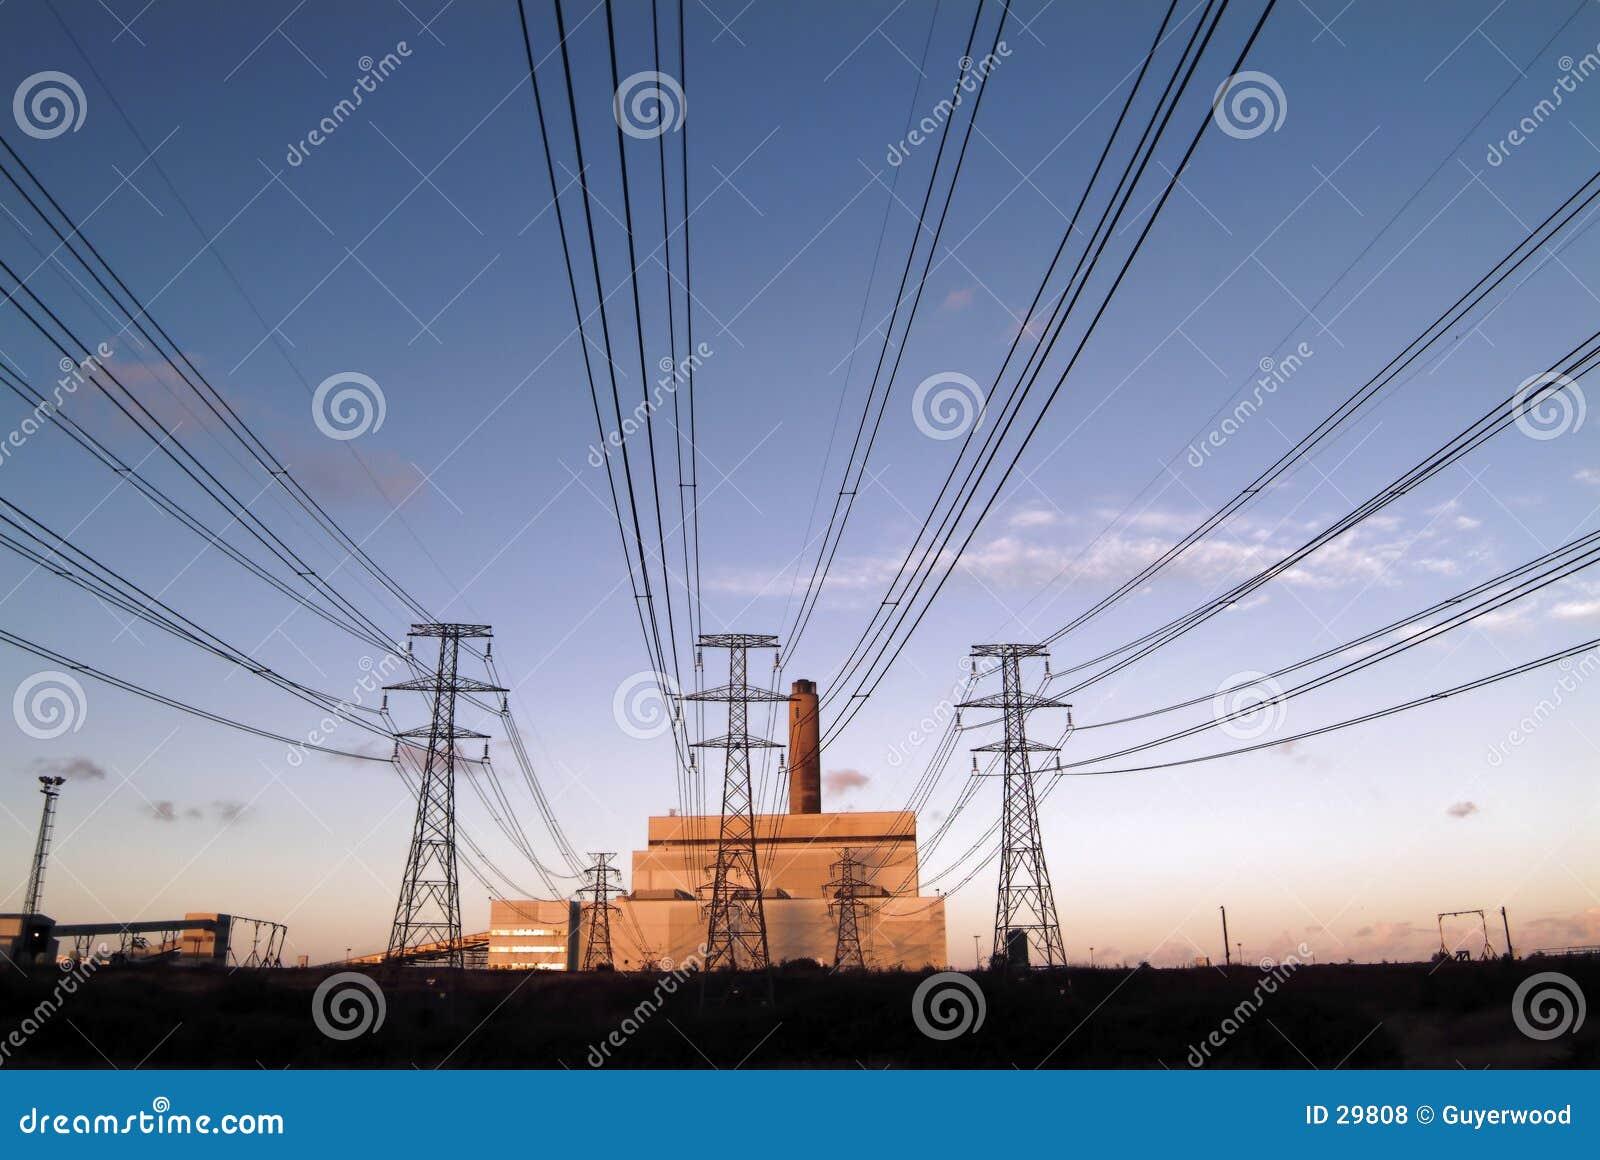 ηλεκτρική δύναμη